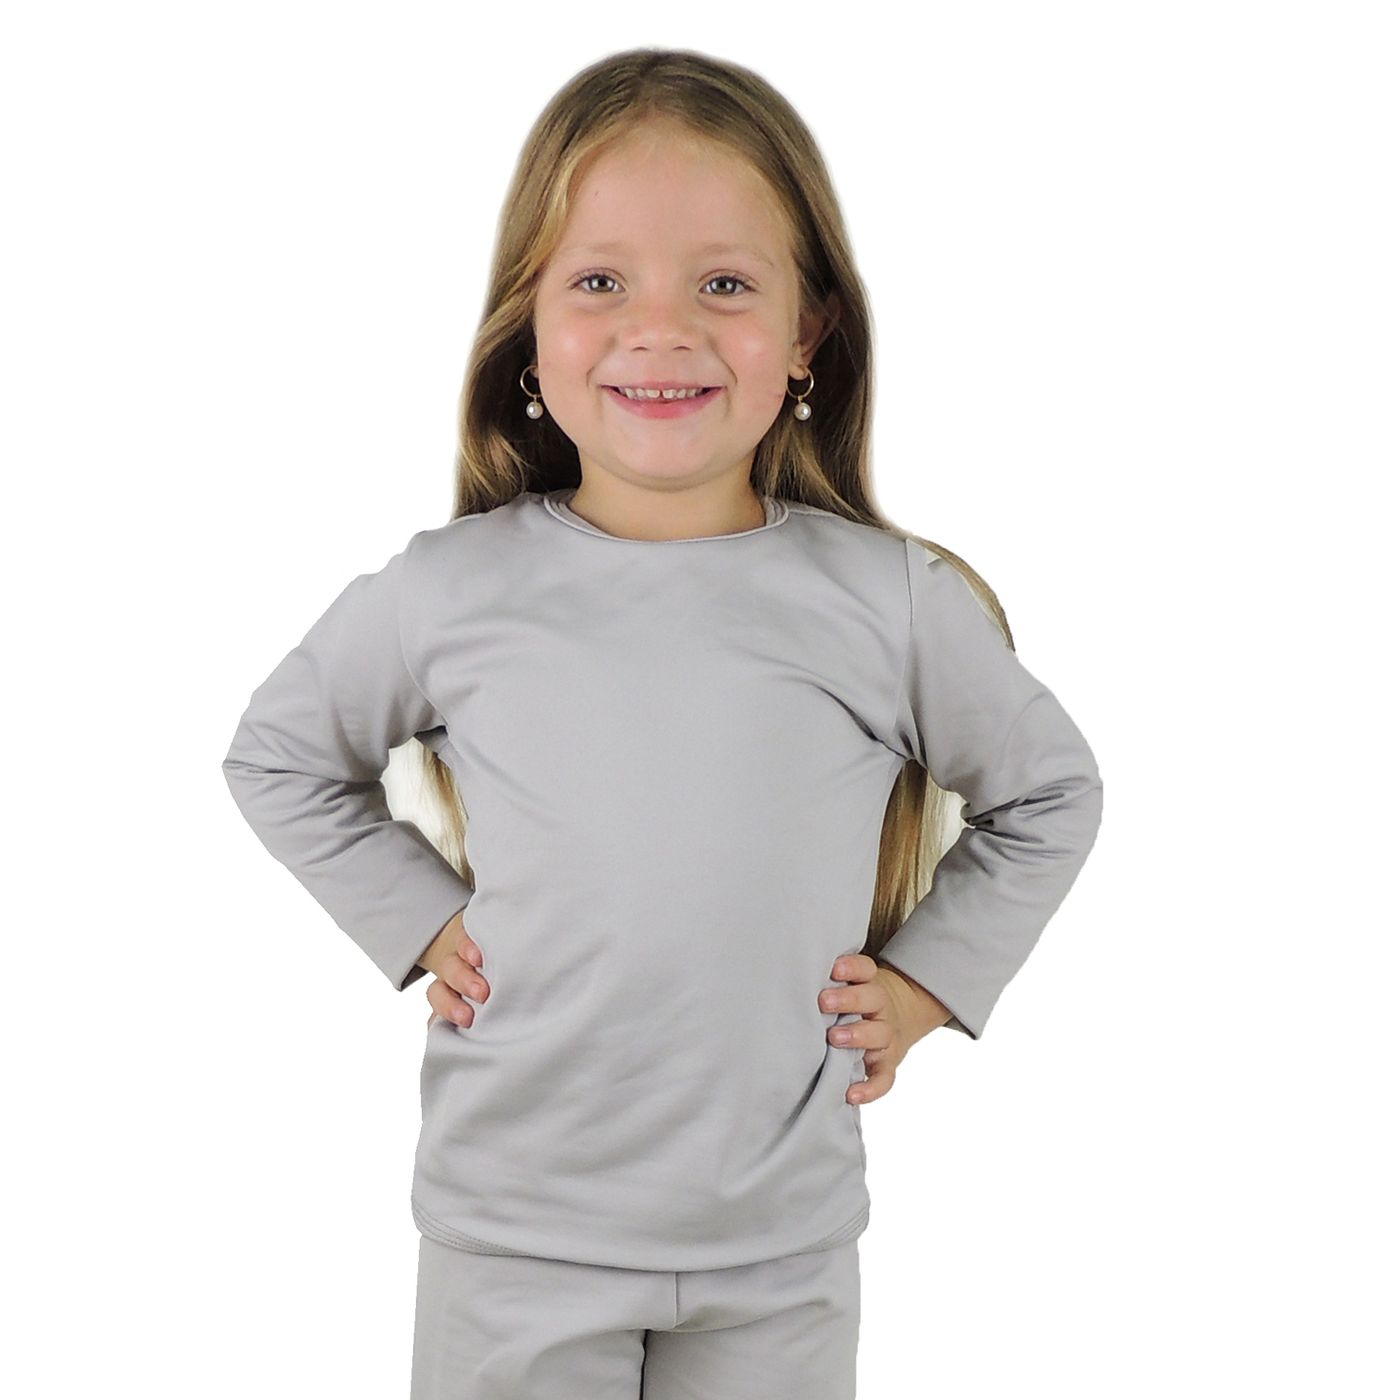 Blusa térmica Infantil Segunda Pele para o inverno e frio intenso -  fieroshop 658f69a0661